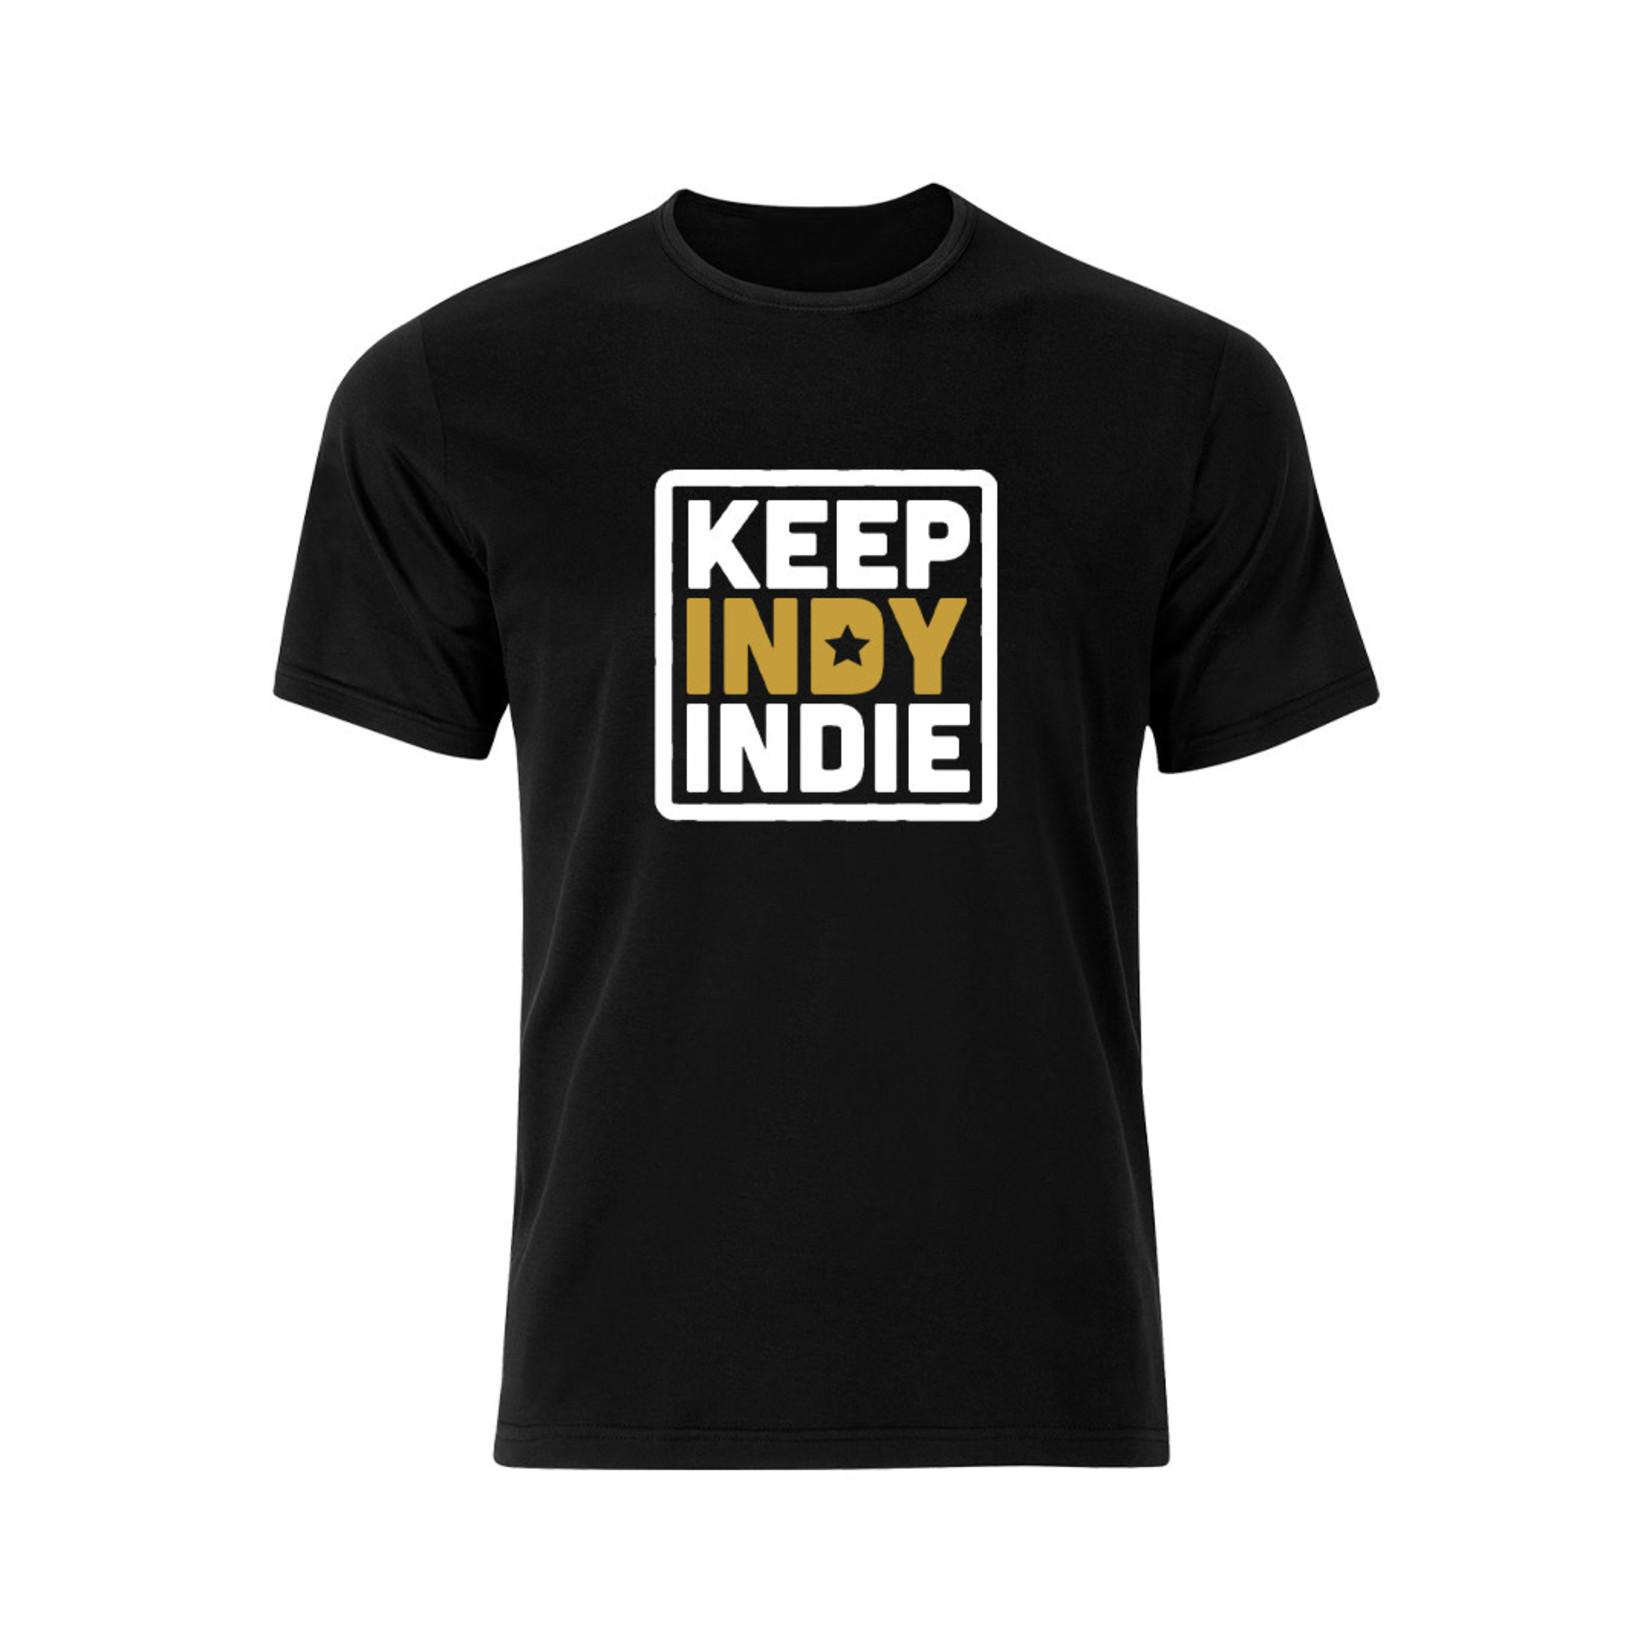 Keep Indy Indie Unisex Tee